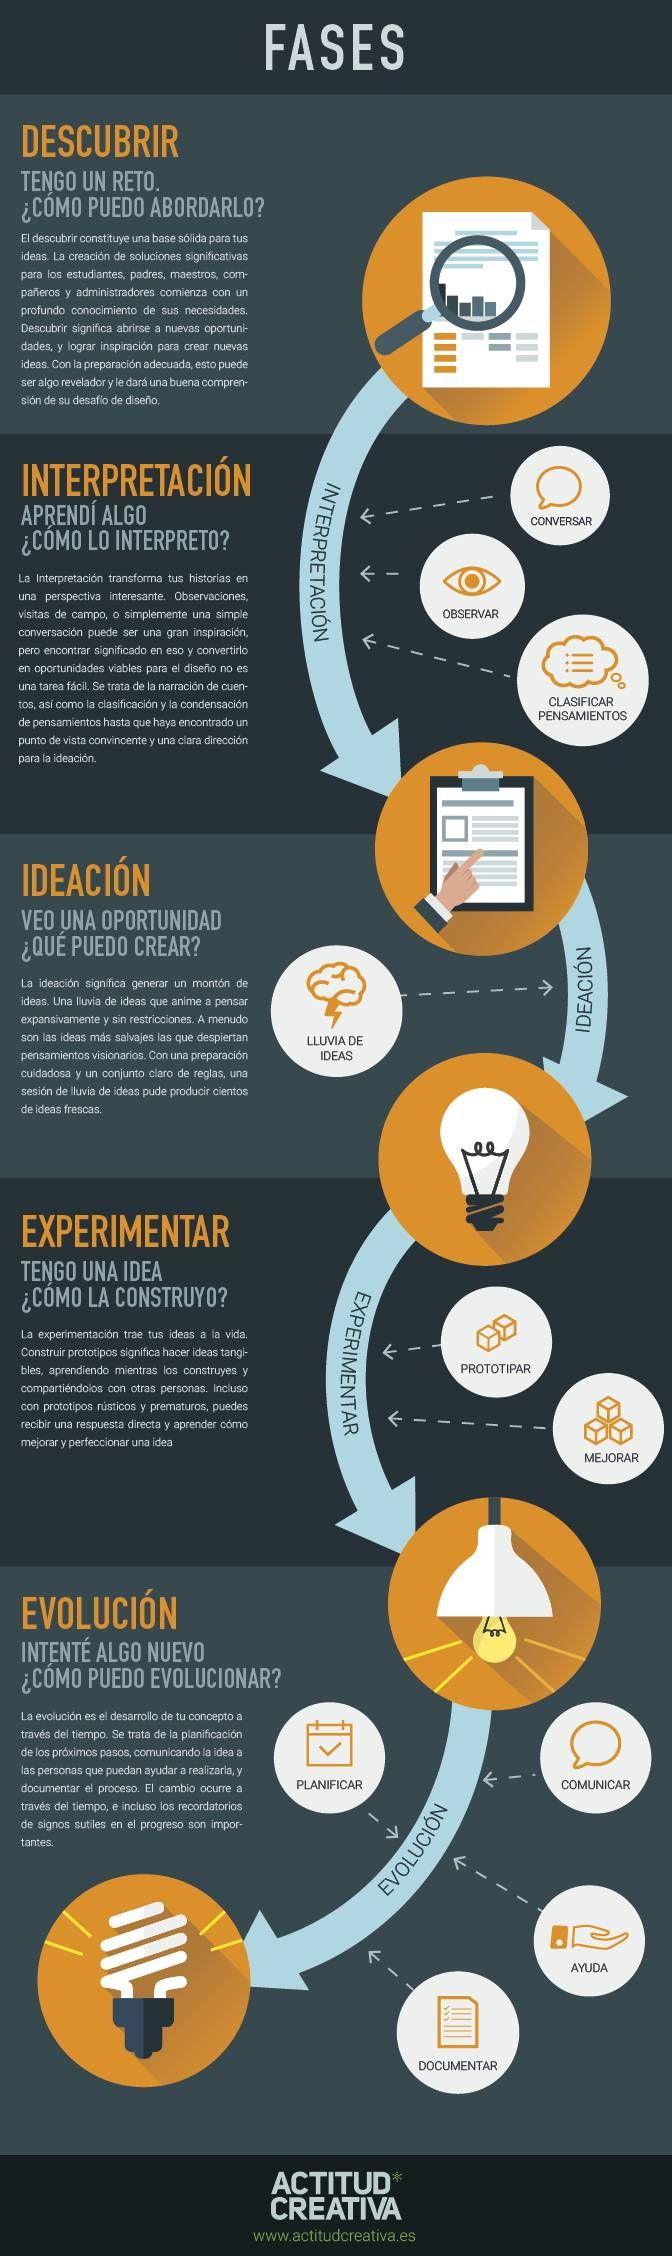 5 fases de la creatividad según agencia española Un estudio creativo madrileño presenta en un sencilla infografía con mucho diseño que enumera cinco etapas fundamentales de todo proceso creativo.